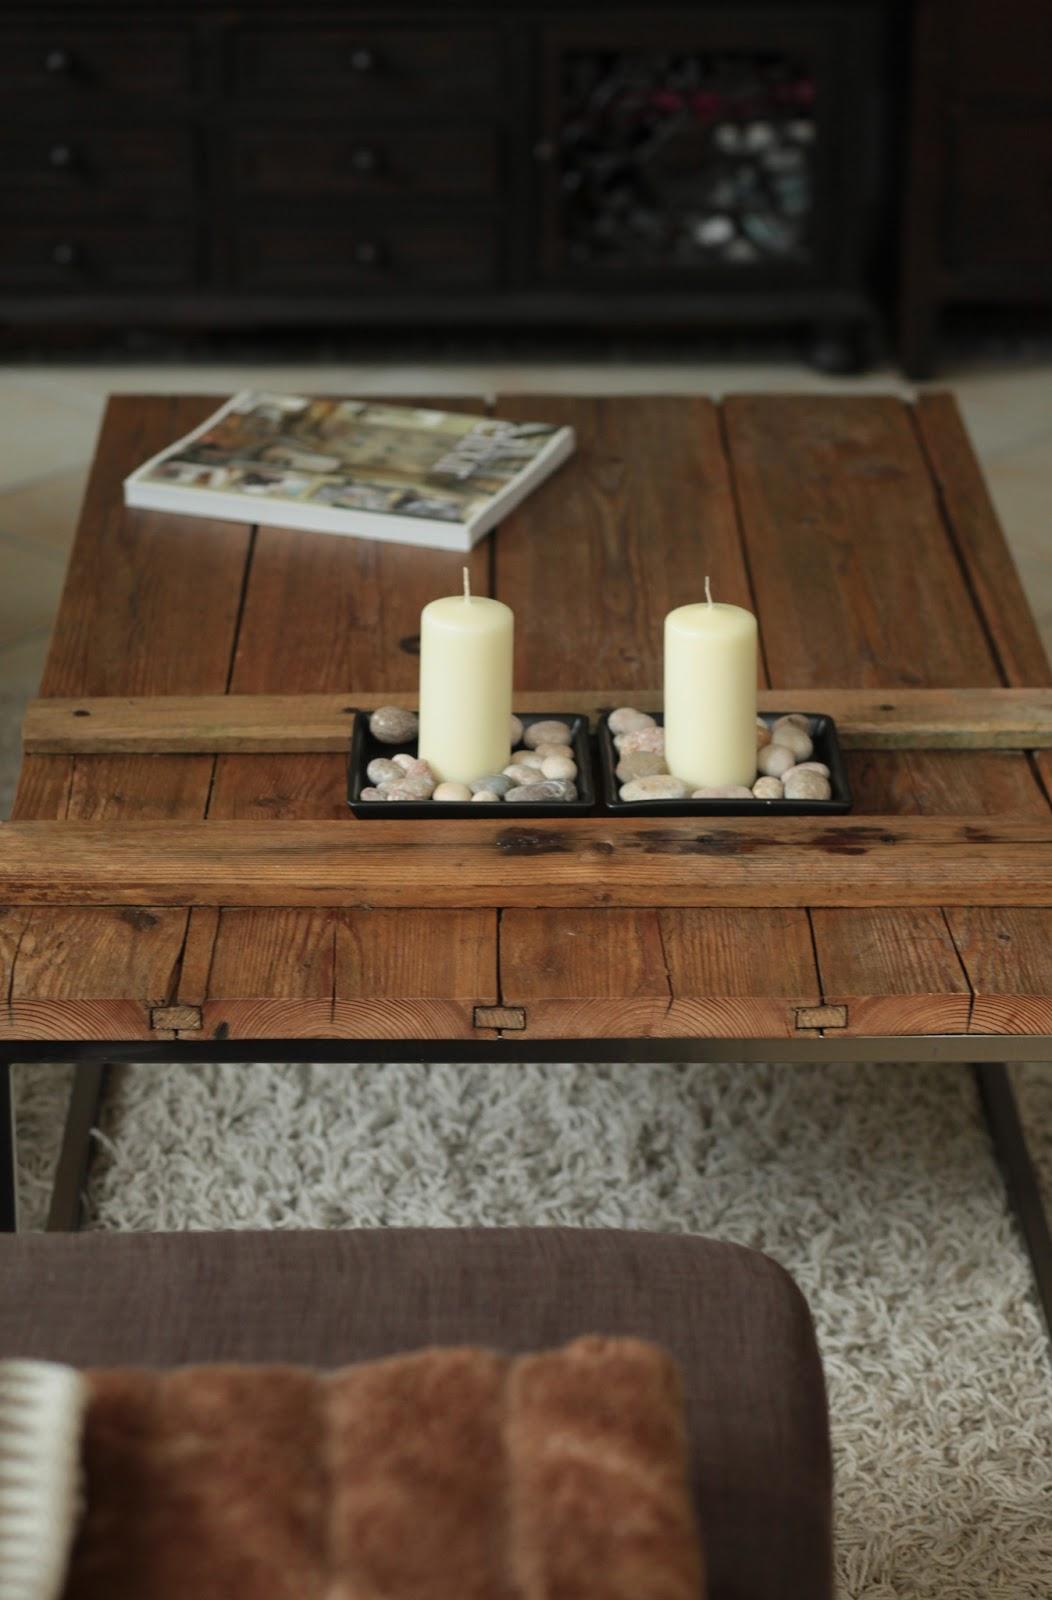 diy selbstgemachter couchtisch aus einer alten holzt re wohn projekt. Black Bedroom Furniture Sets. Home Design Ideas